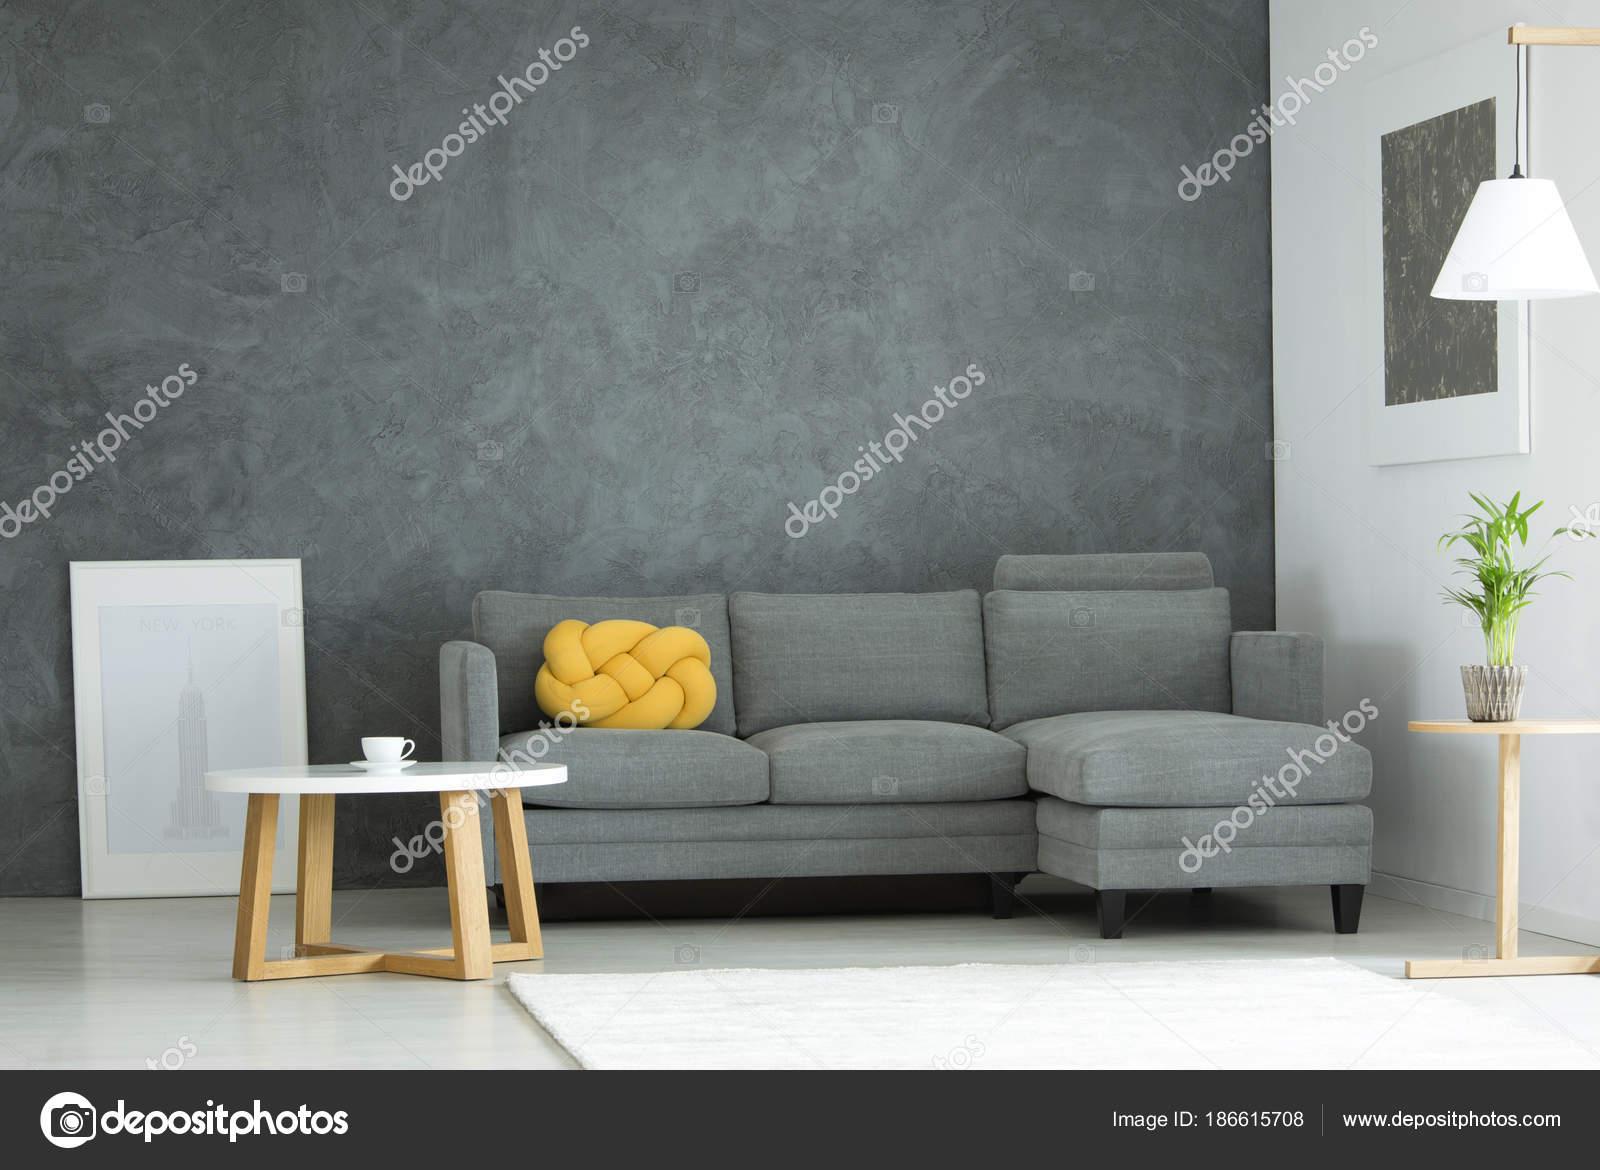 Grau und gelb Wohnzimmer — Stockfoto © photographee.eu #186615708